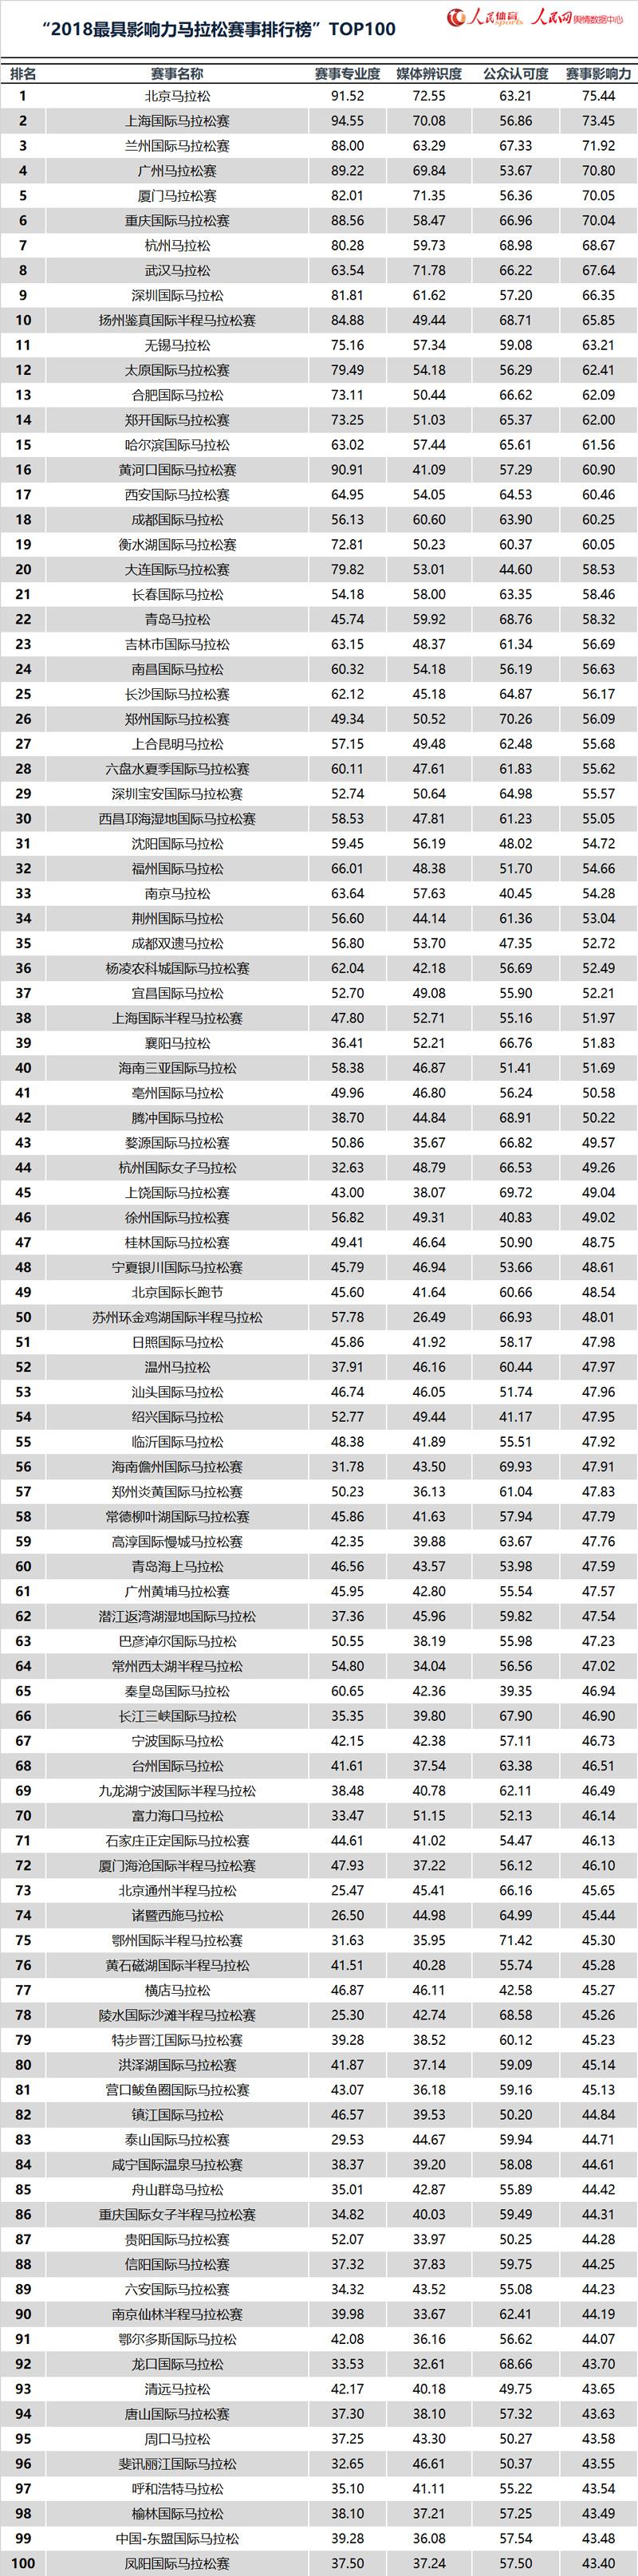 """""""2018最具影响力马拉松赛事排行榜""""TOP100发布"""